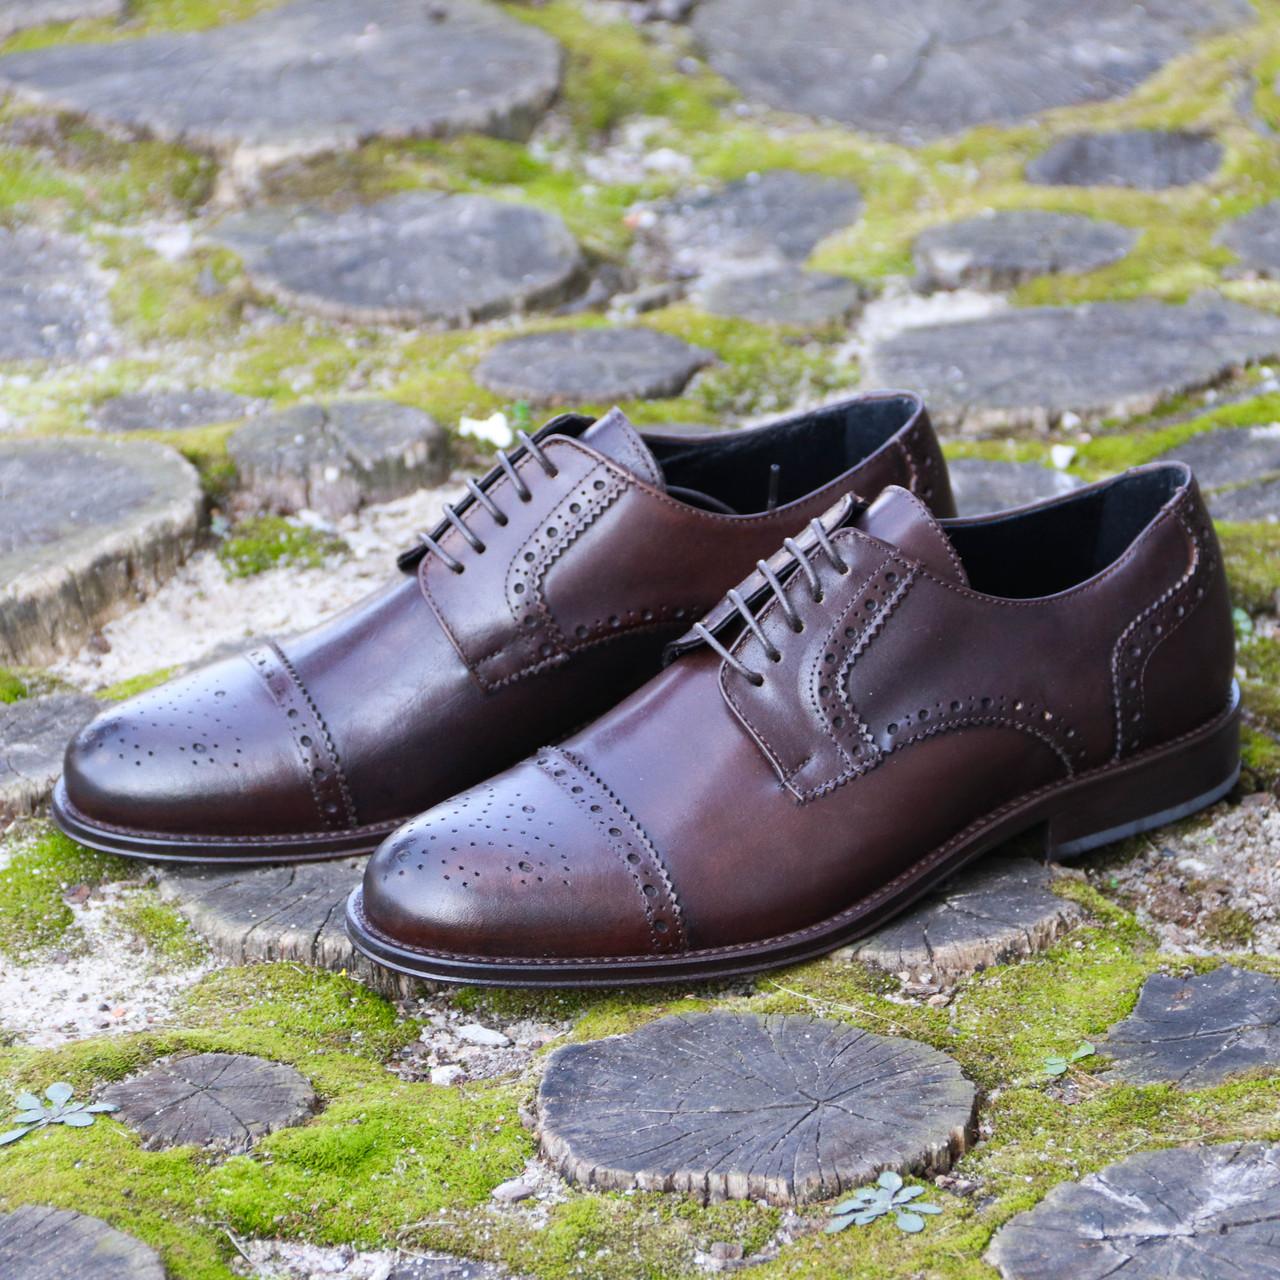 Итальянские мужские кожаные туфли оксфорды 42 размер